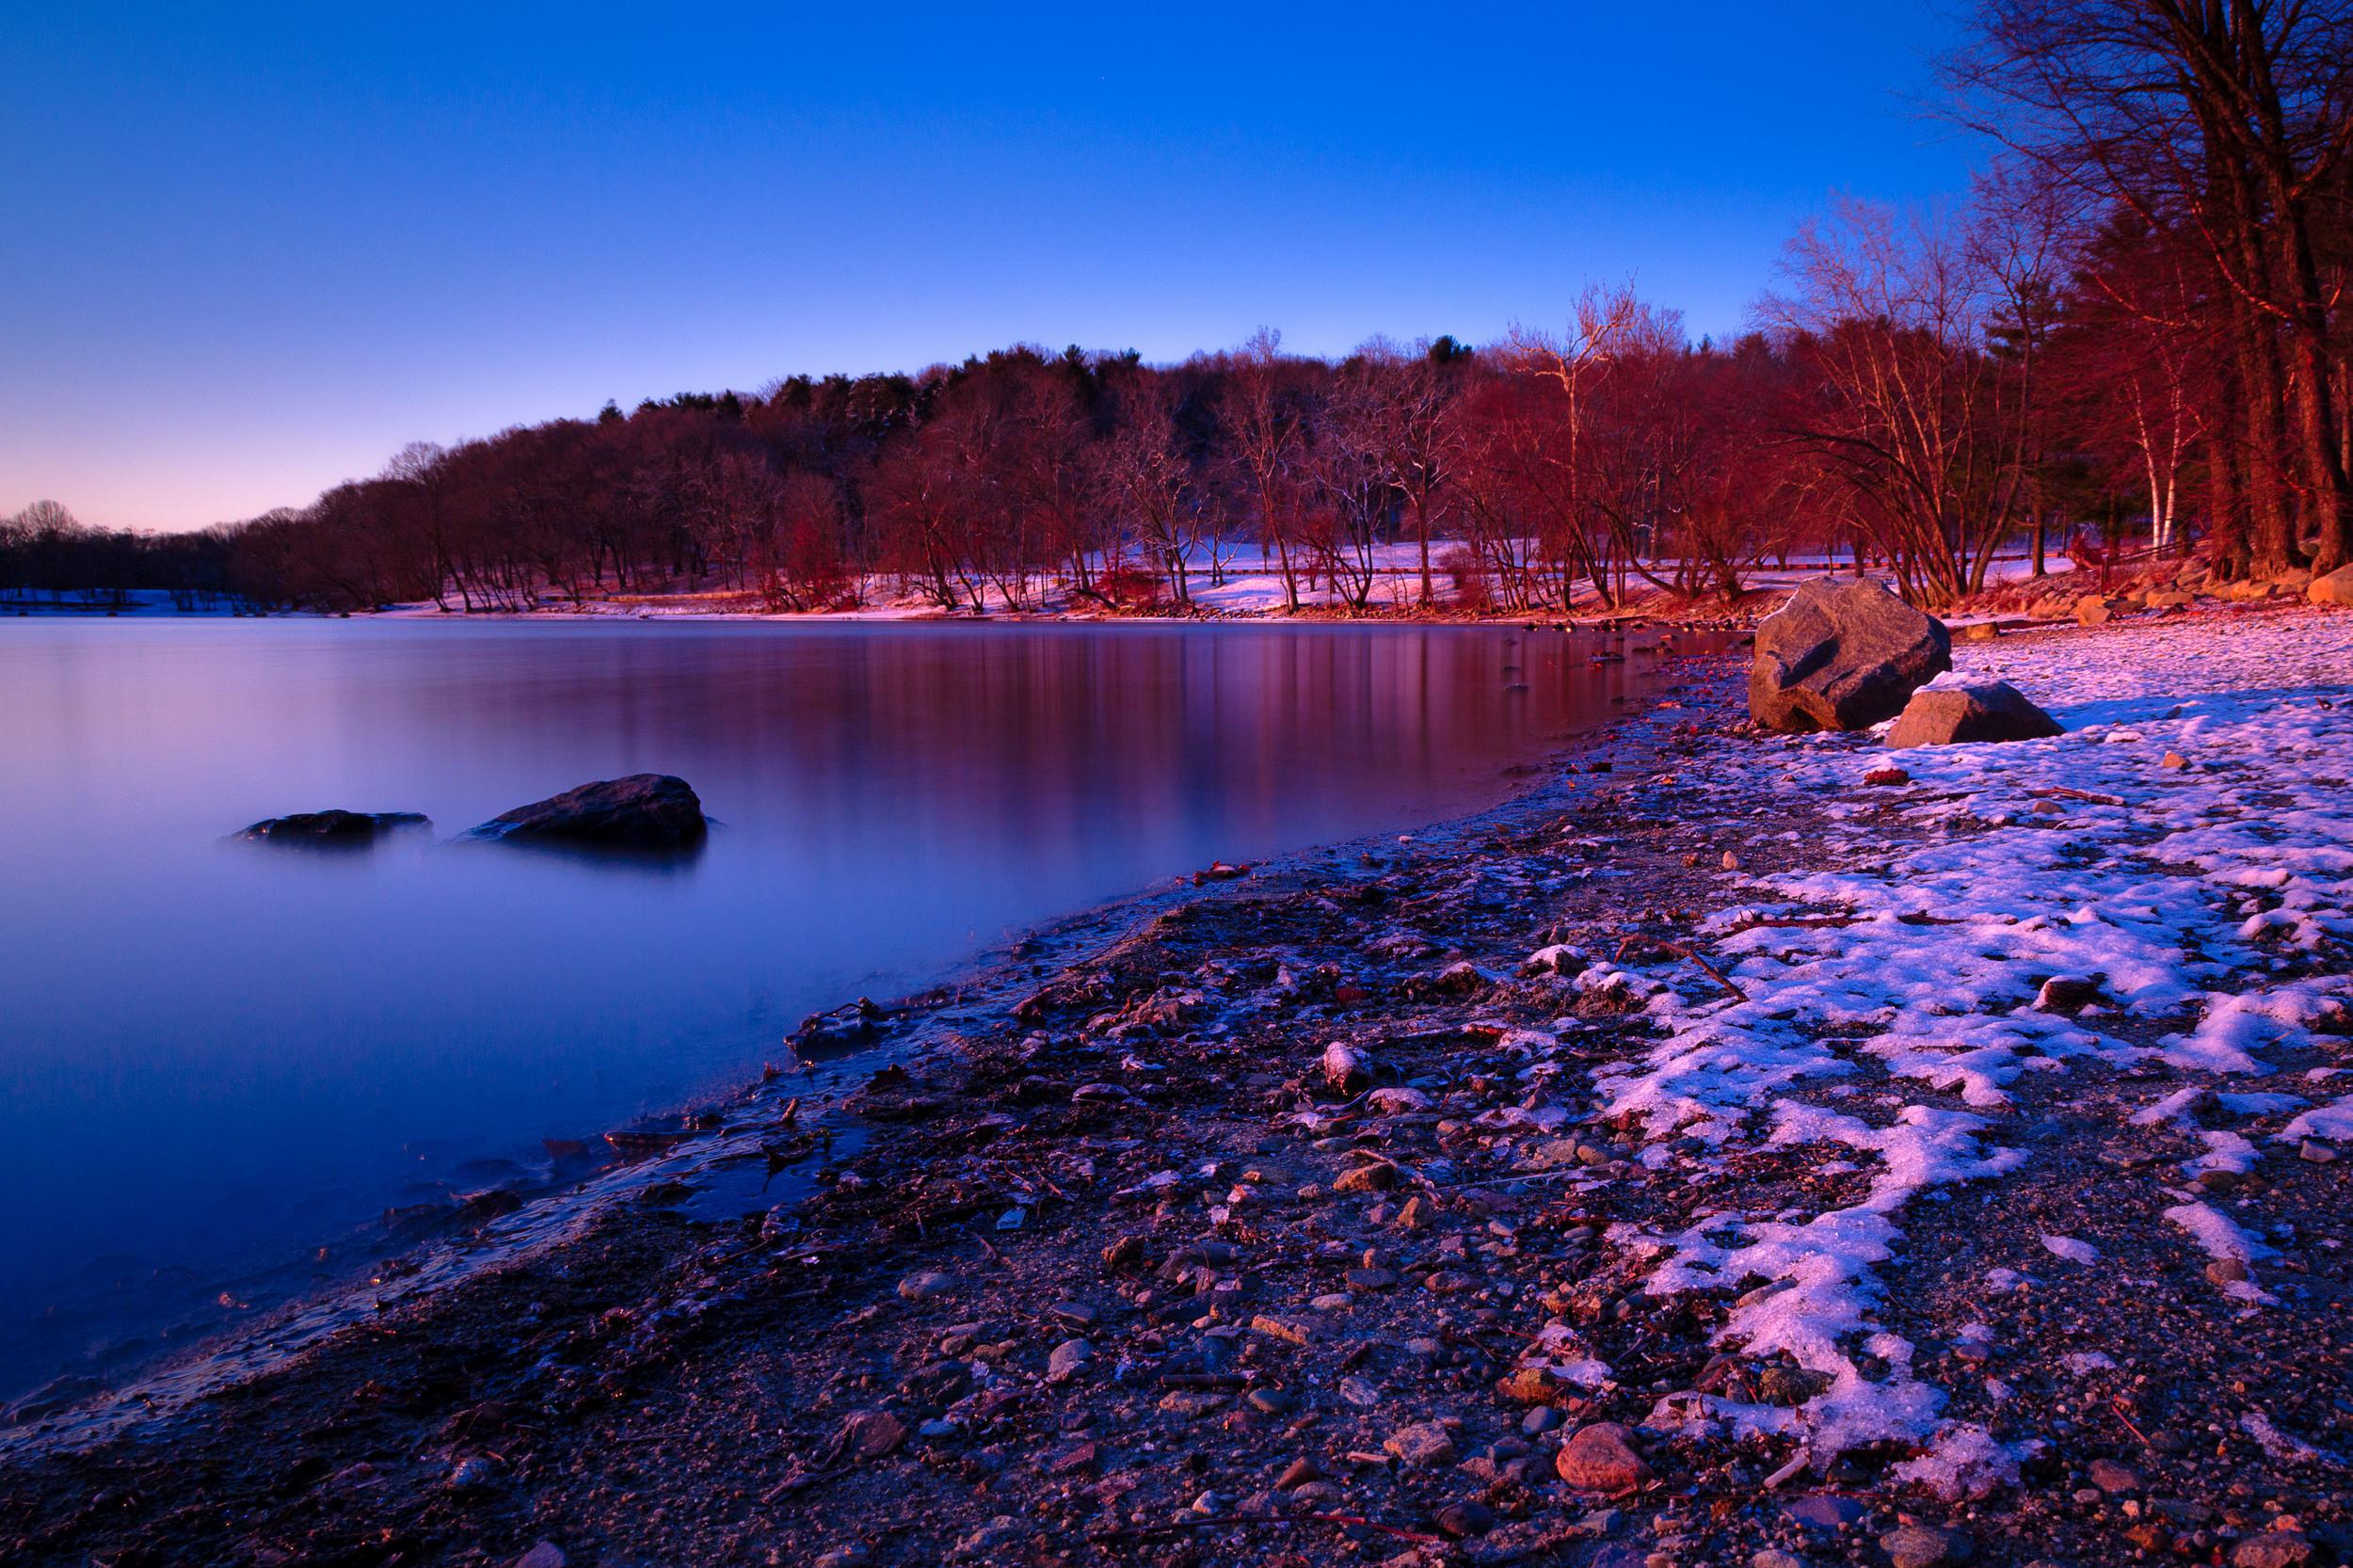 Jamaica Pond sunrise shore.jpg